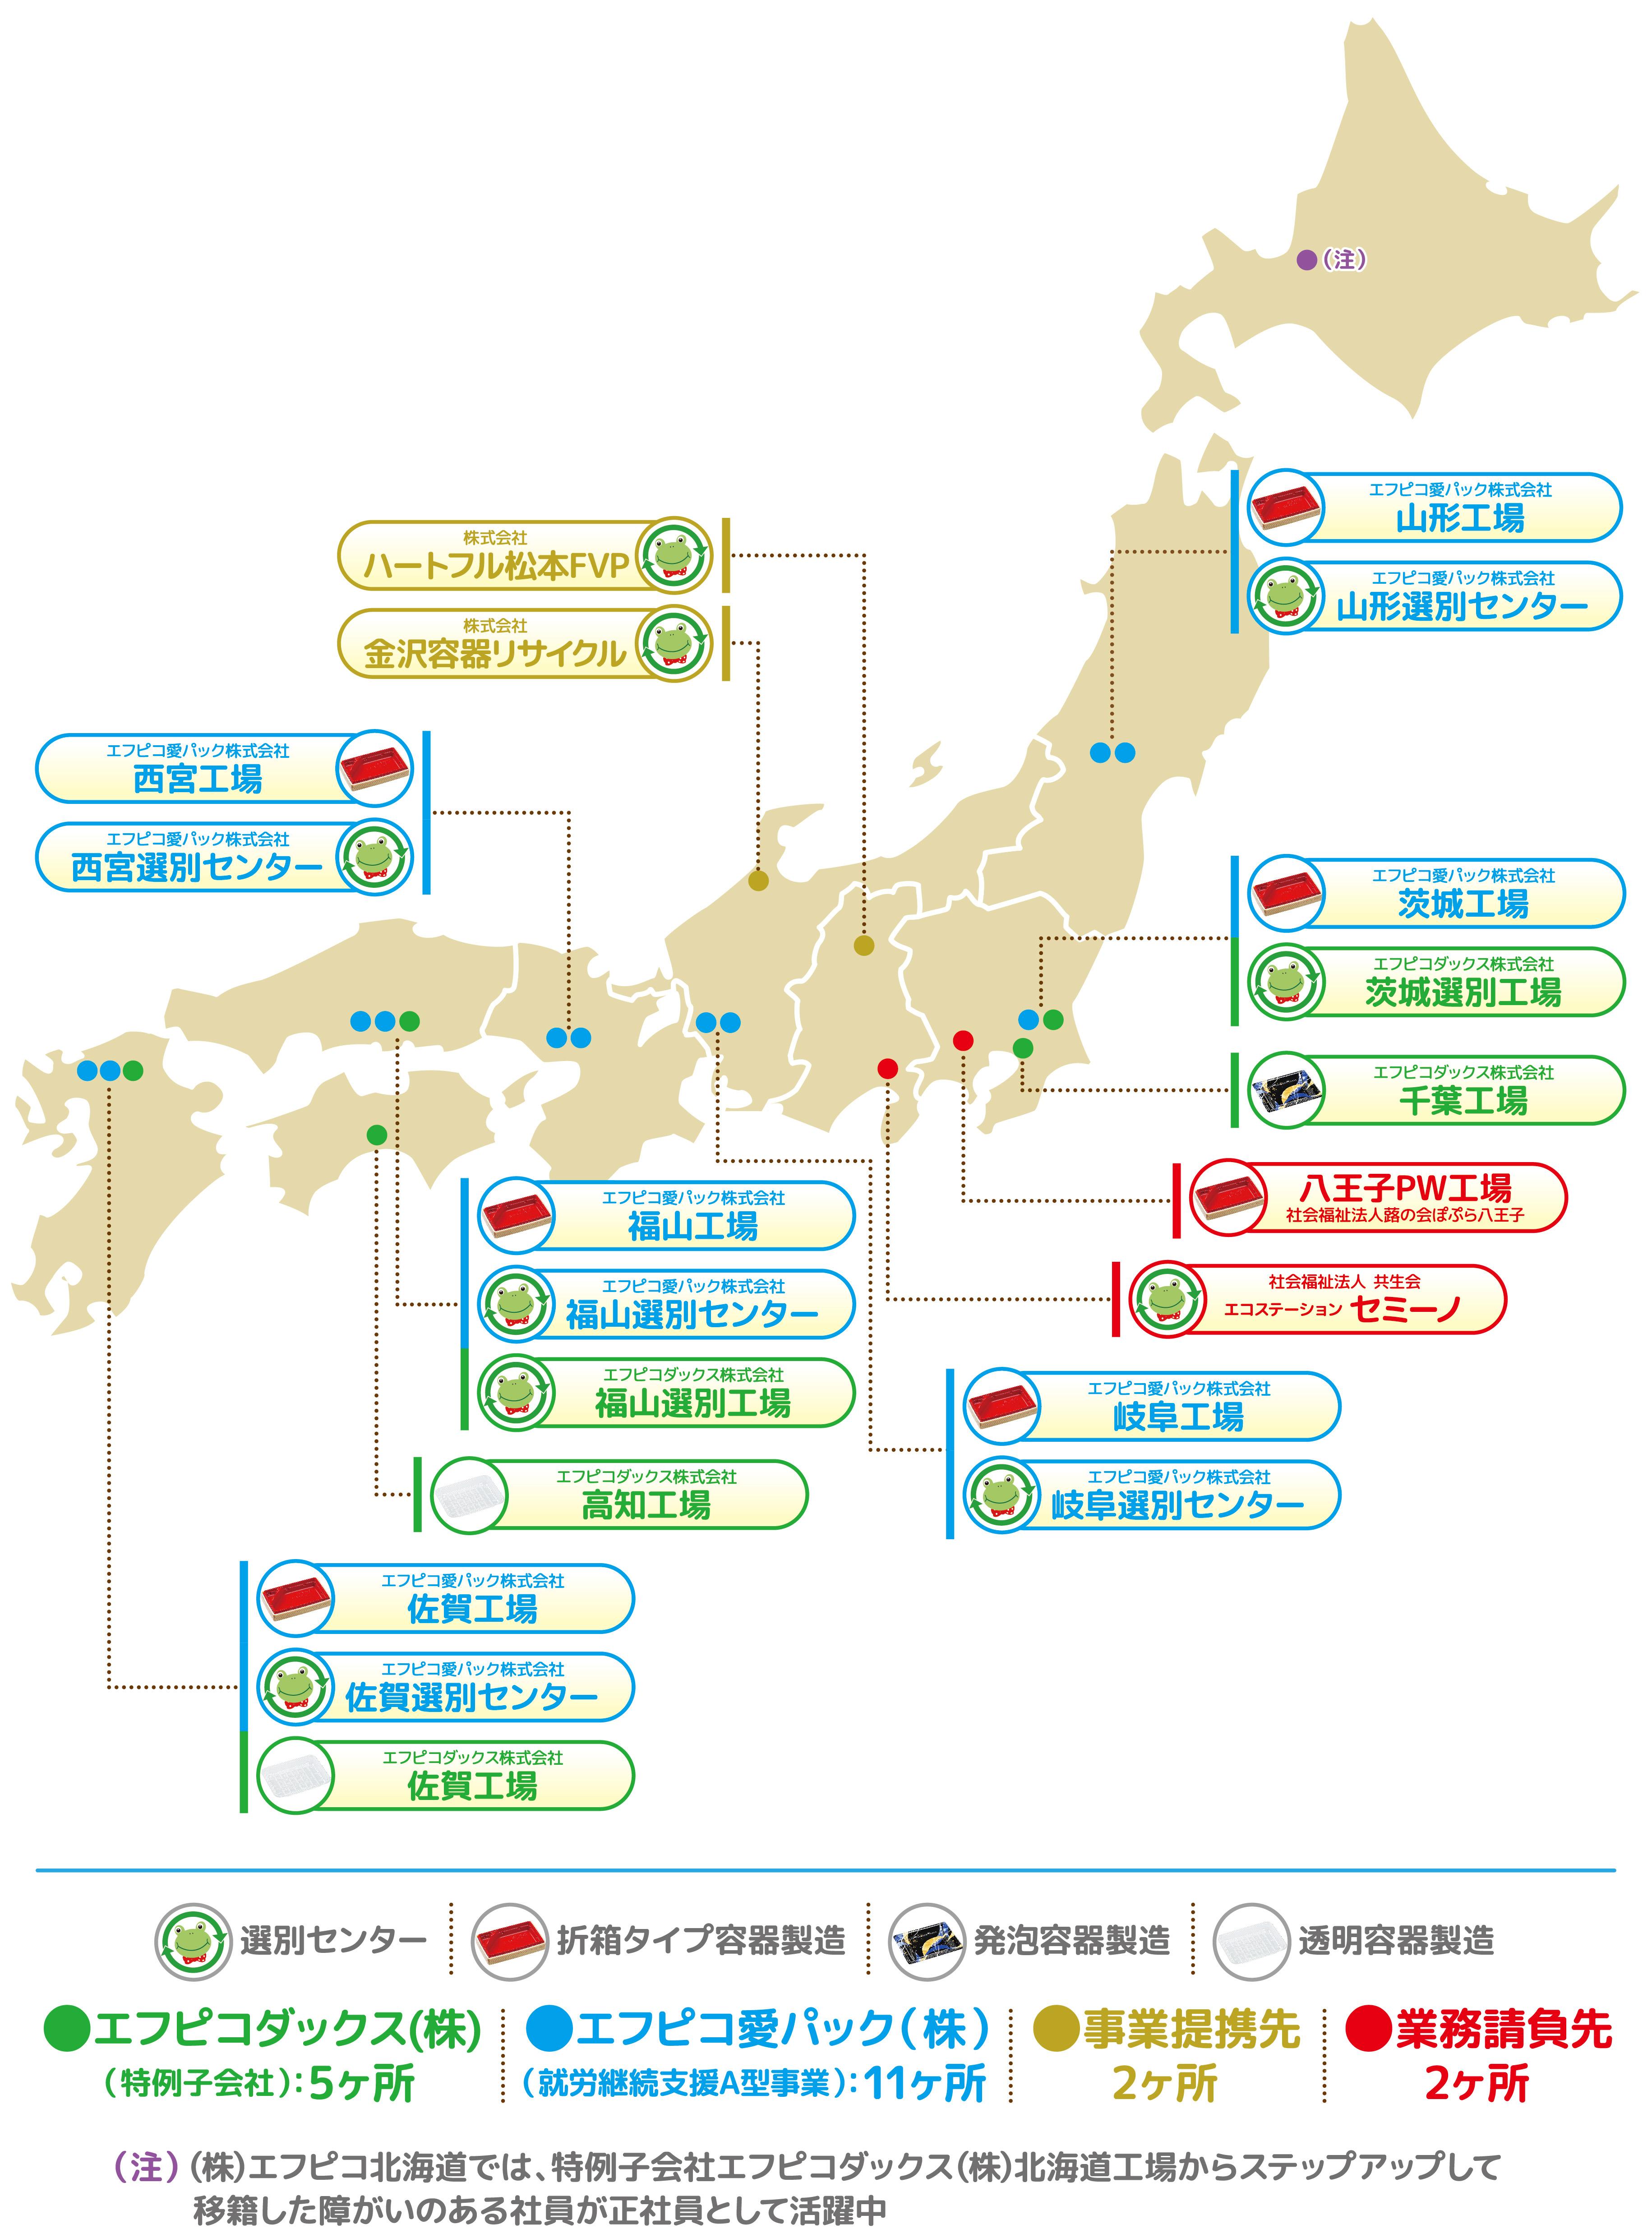 障がい者雇用事業所map.jpg